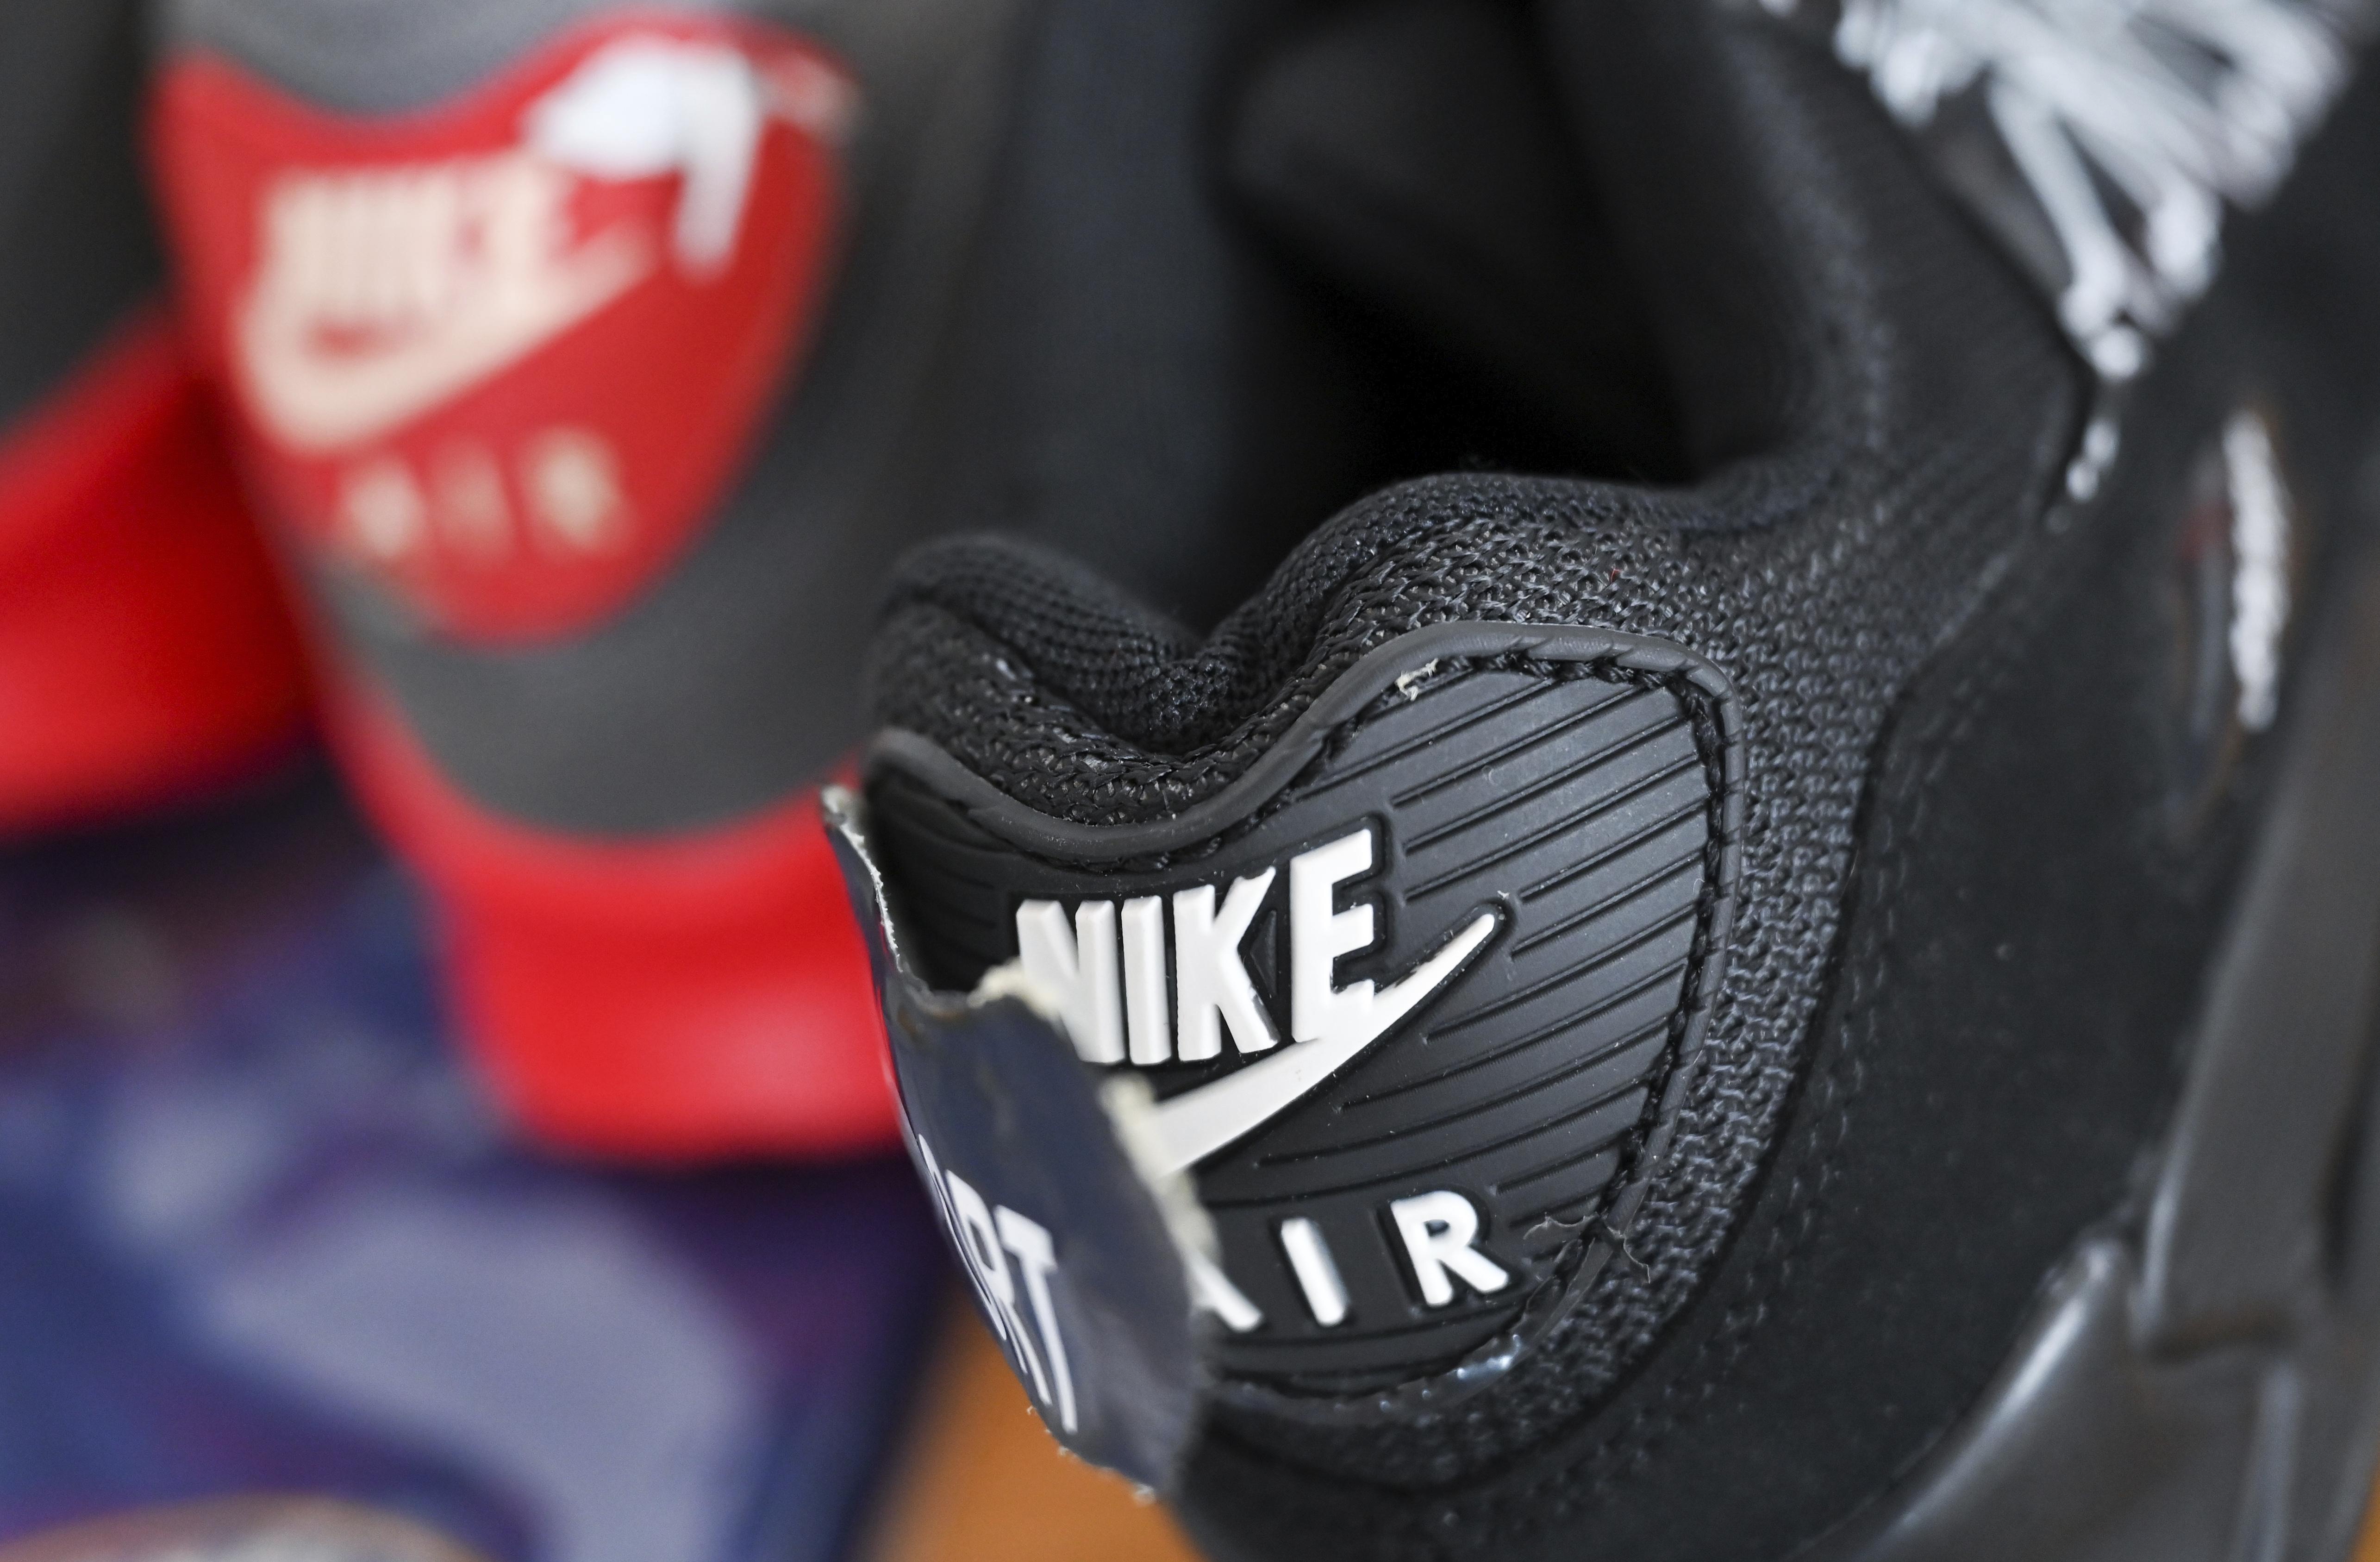 Nike counterfeits